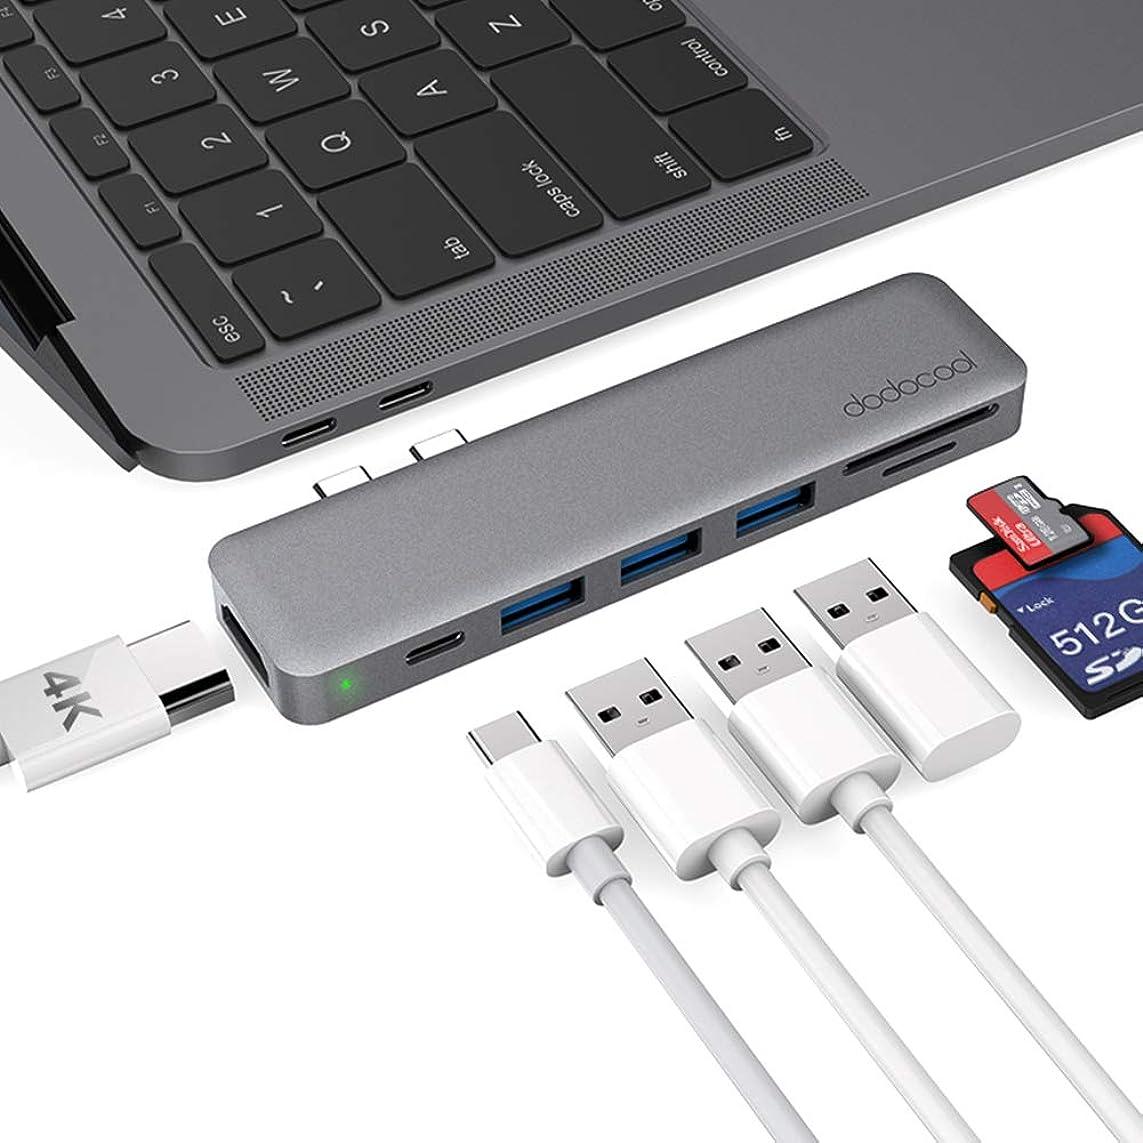 真っ逆さま高く舗装するUSB Cハブ USB Type-C PD充電ポート 4K HDMI出力ポート SD/MicroSDカードスロット USB3.0ポート*3 MacBook Air 2018/MacBook Pro 13/15inch専用 Thunderbolt 3に対応